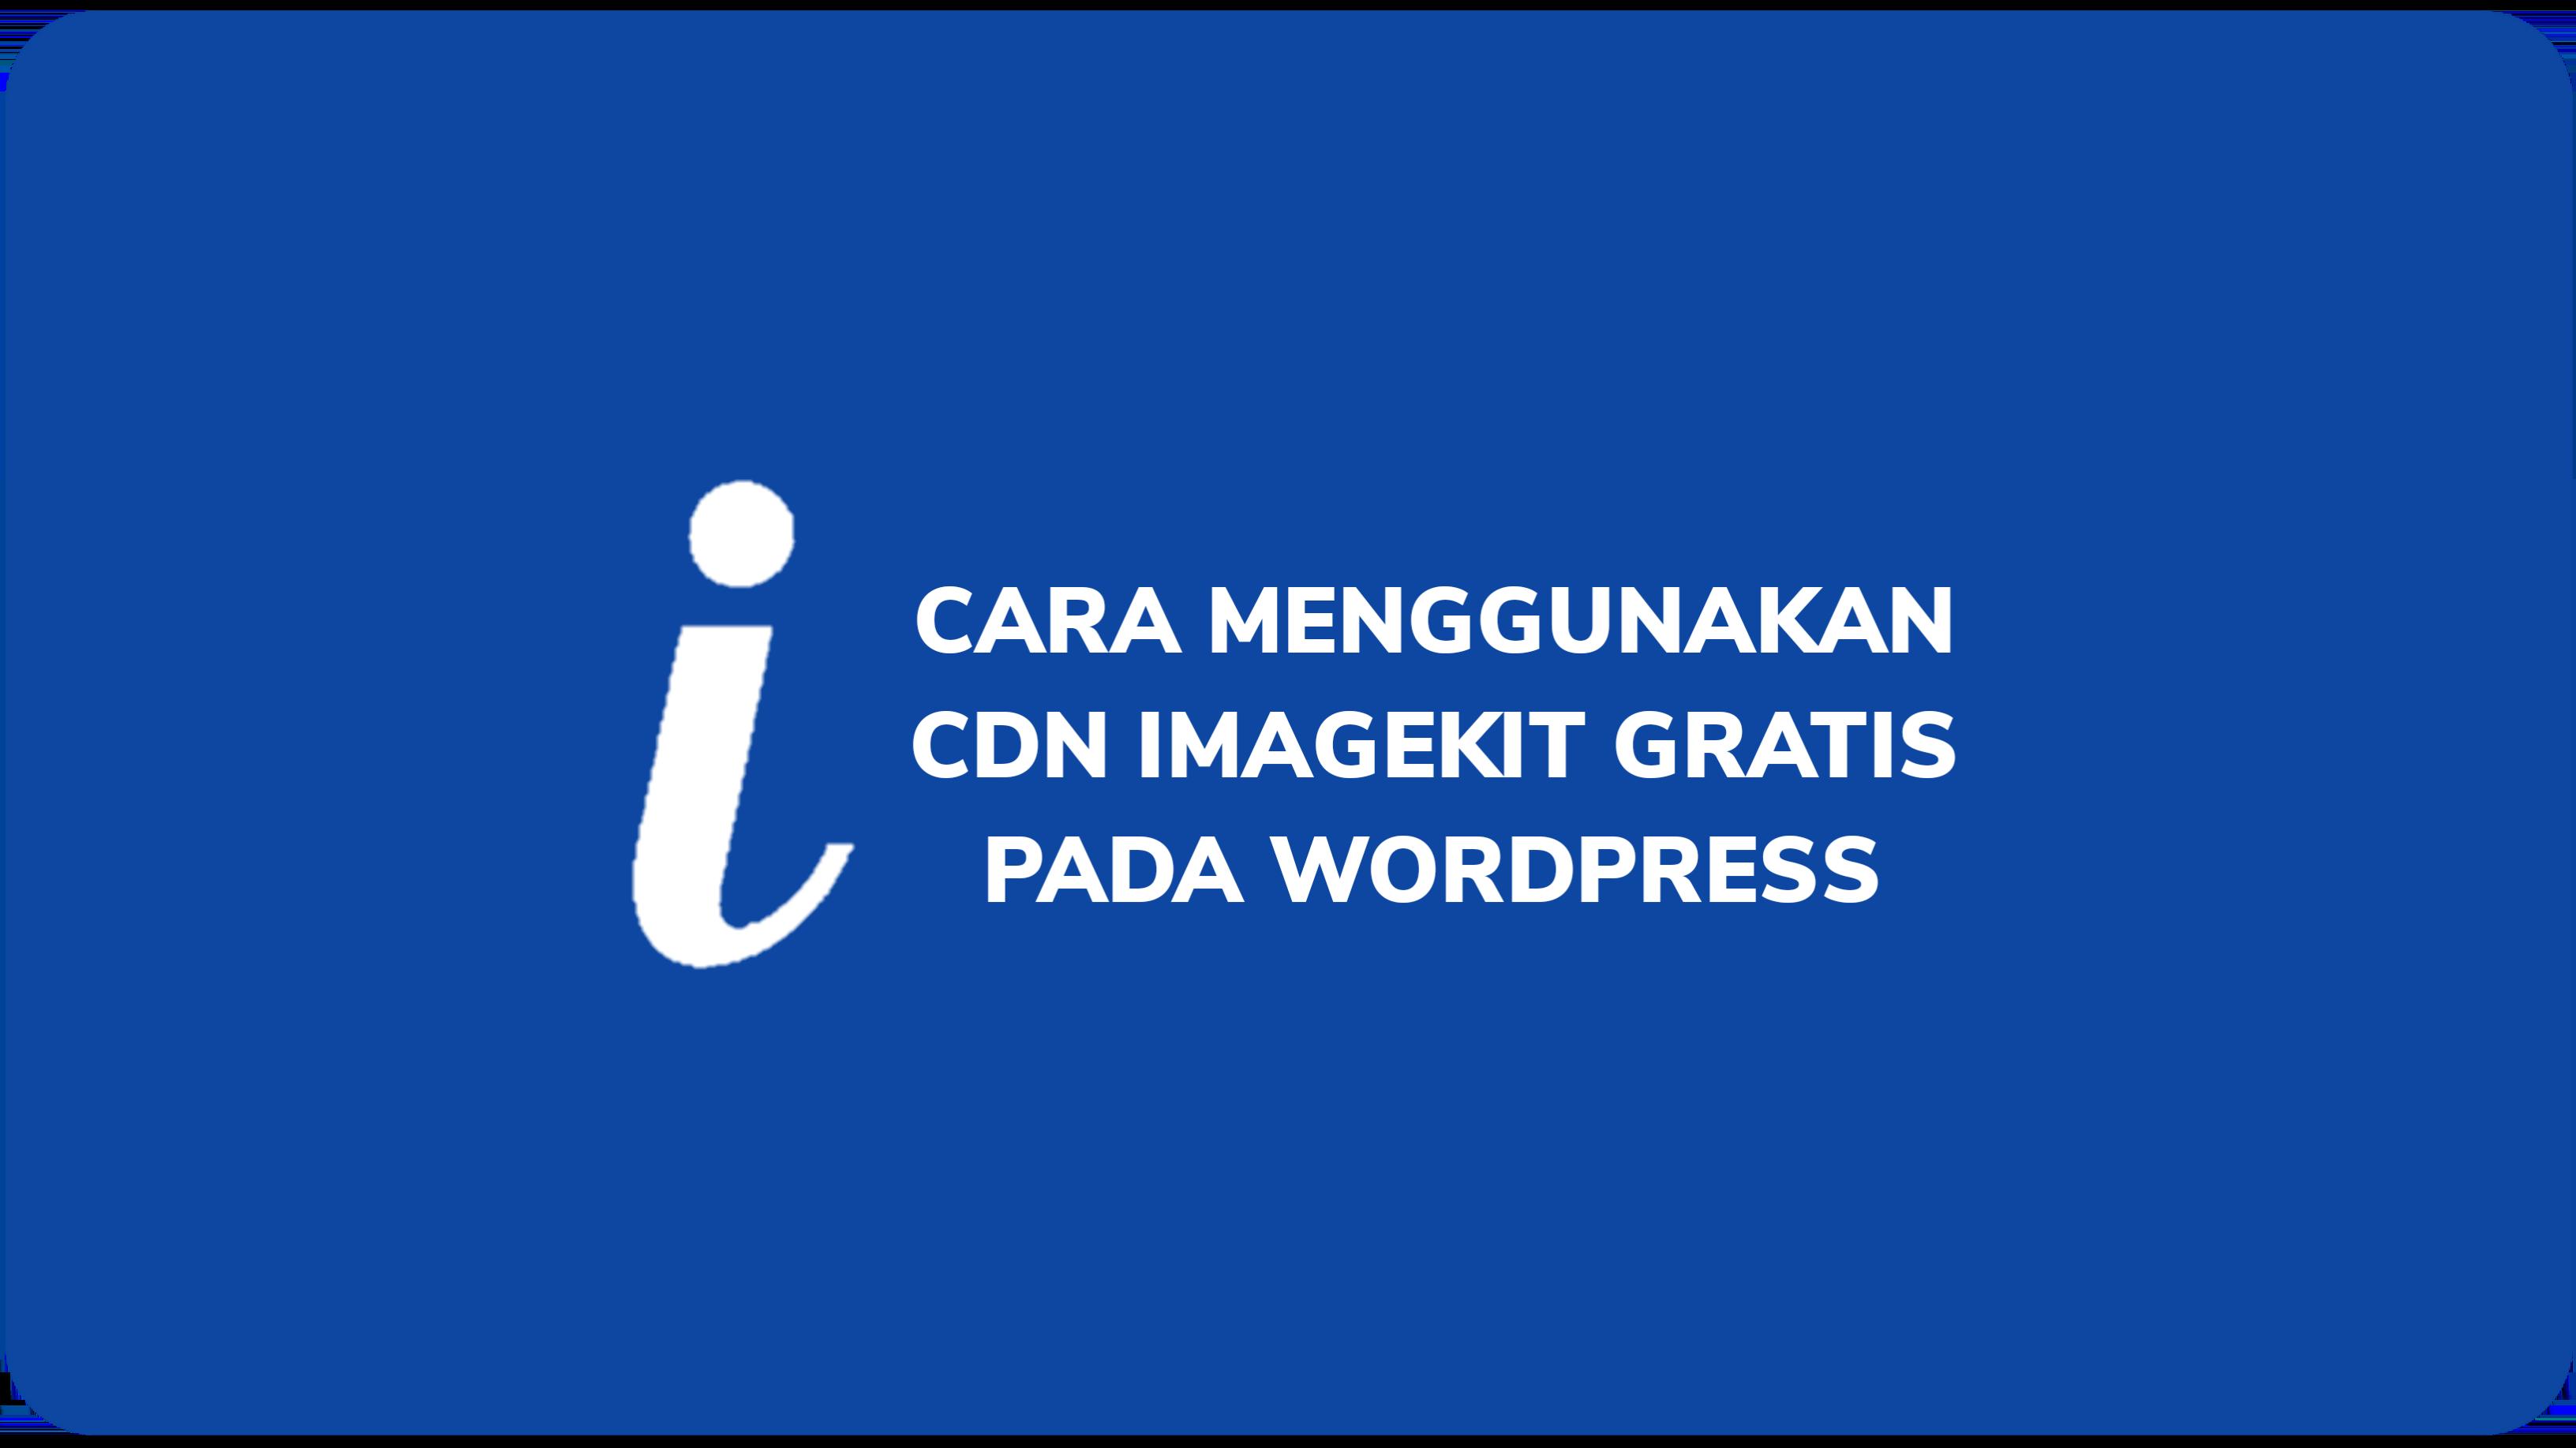 Cara Menggunakan CDN ImageKit Gratis Pada WordPress